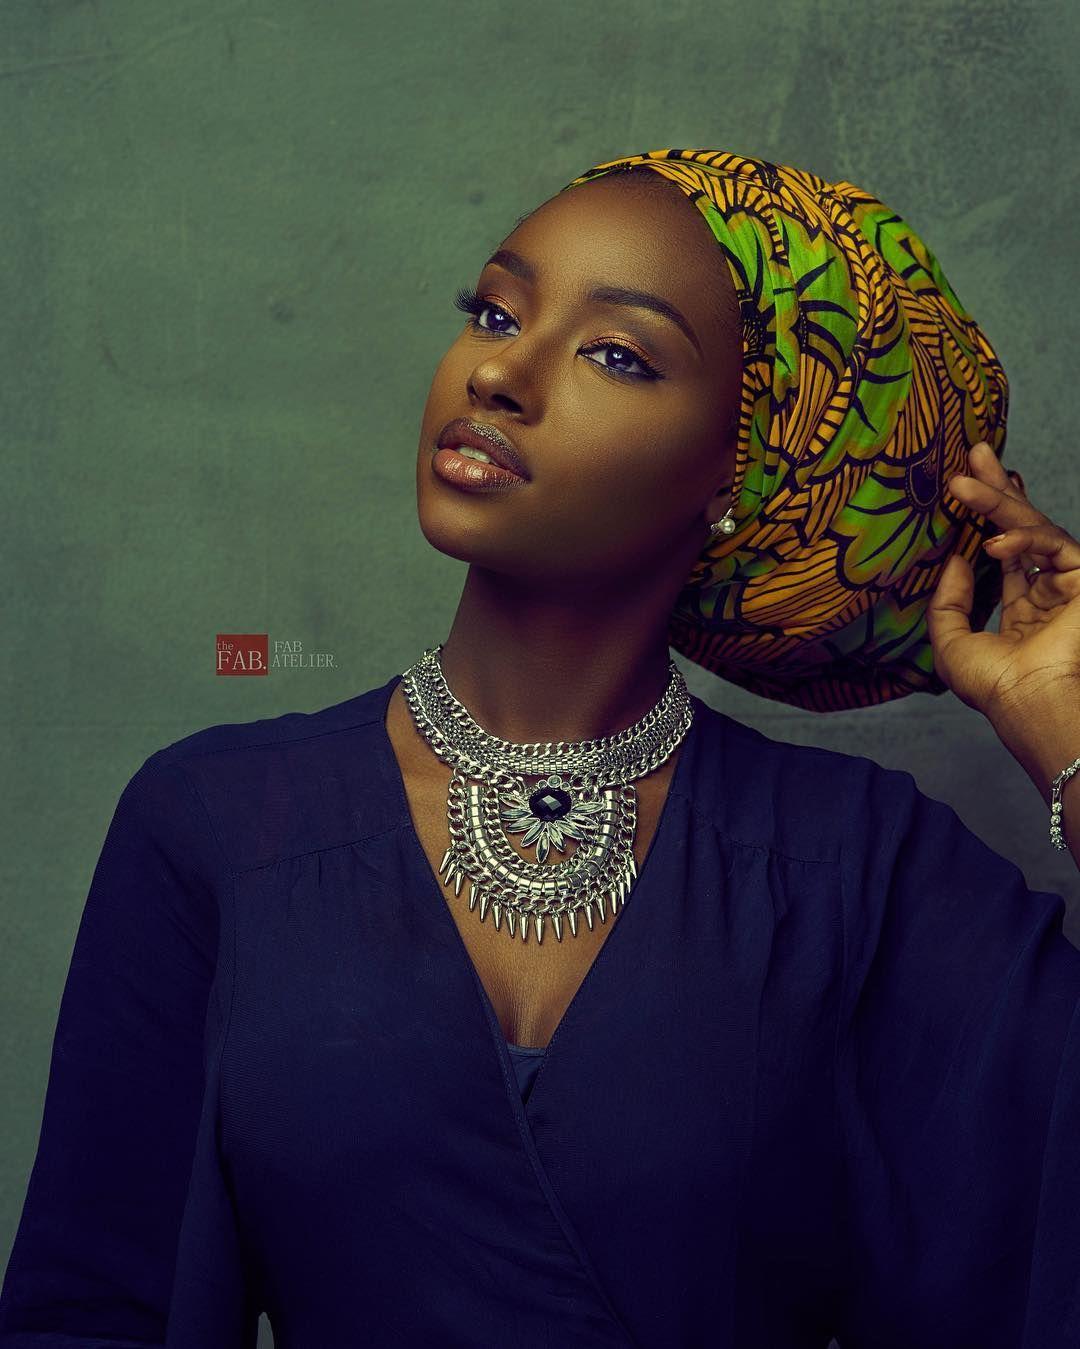 Épinglé sur Black women